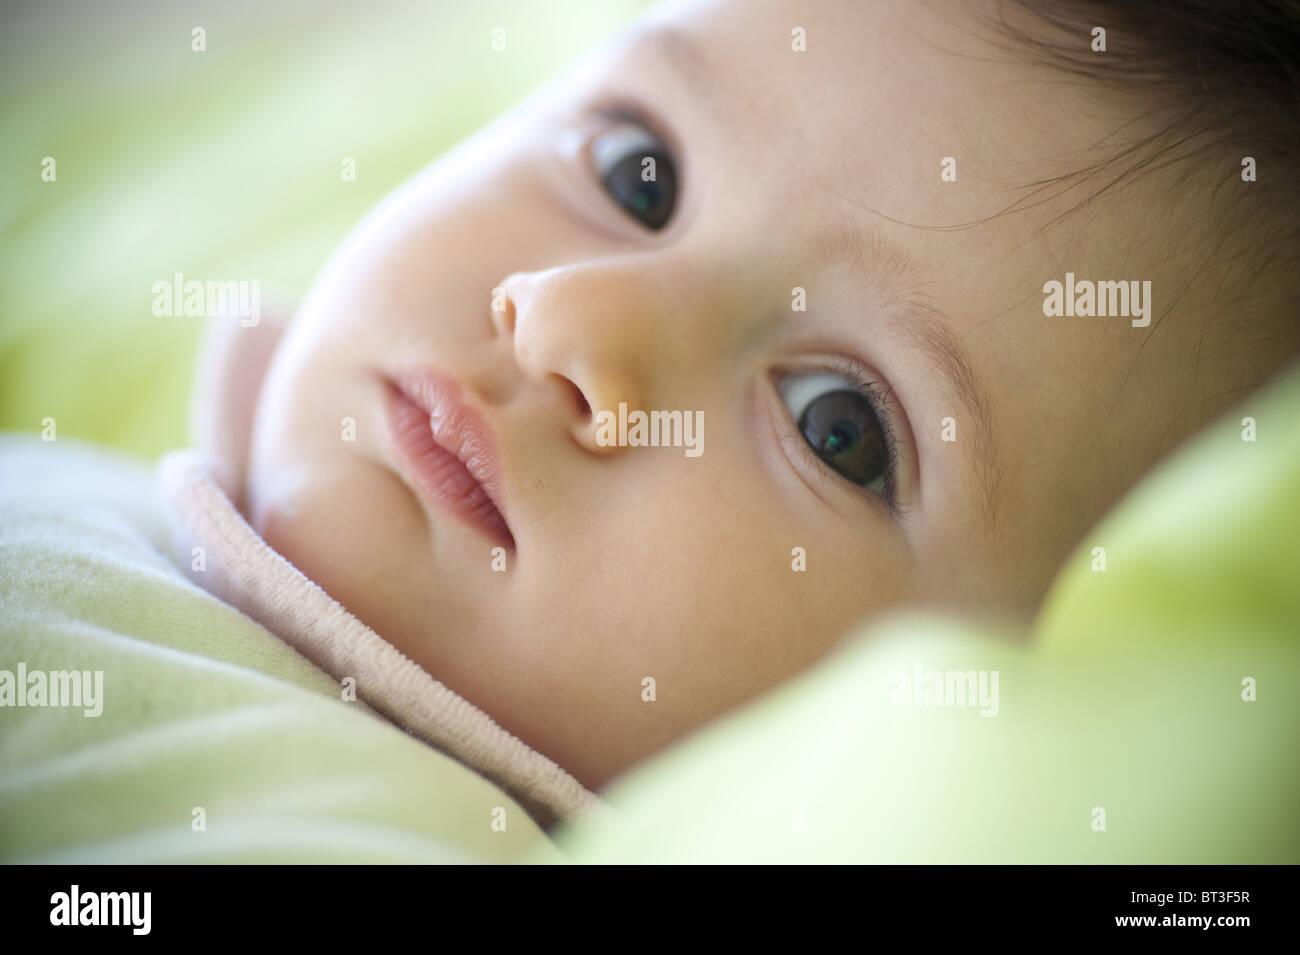 Baby girl looking back - Stock Image